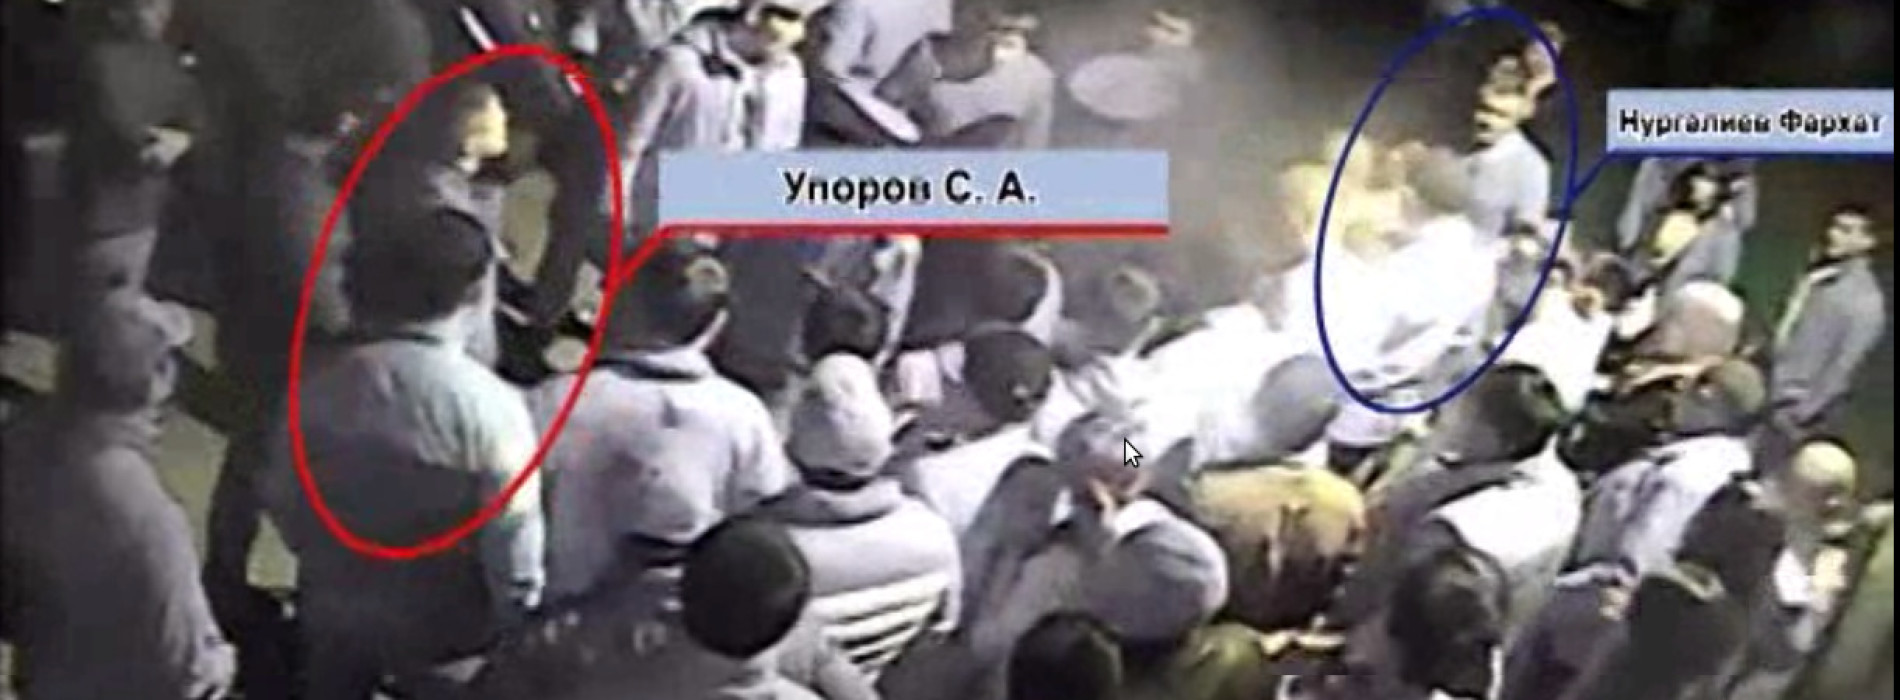 С деталями уголовного дела ознакомятся в Генпрокуратуре